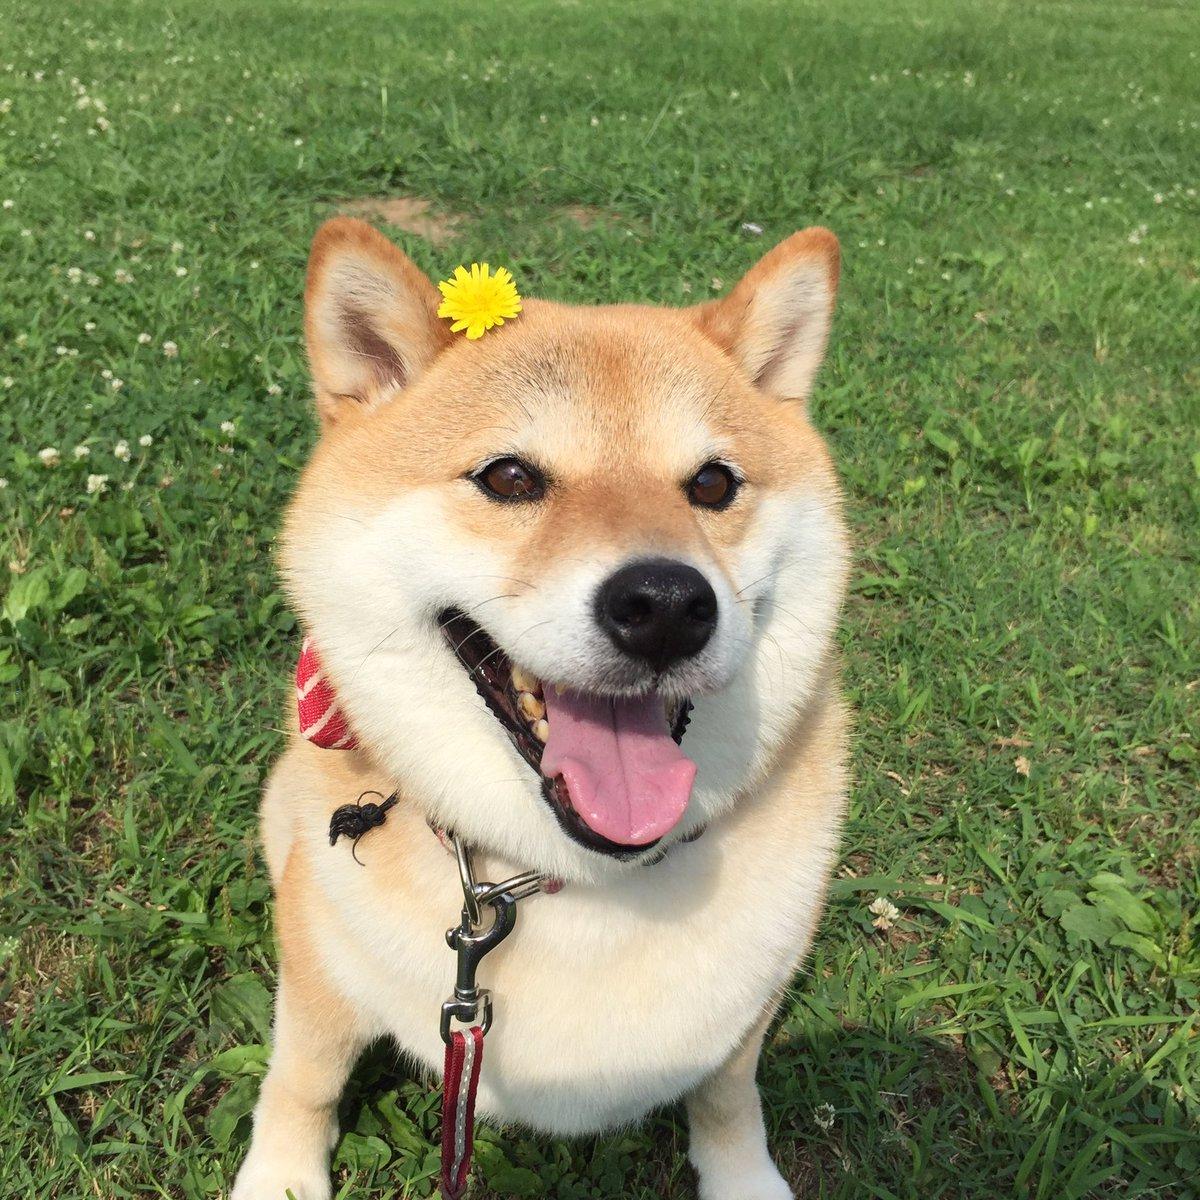 Nàng cún Shiba lầy lội: đã ra đường là không bao giờ chịu về nhà - Ảnh 3.